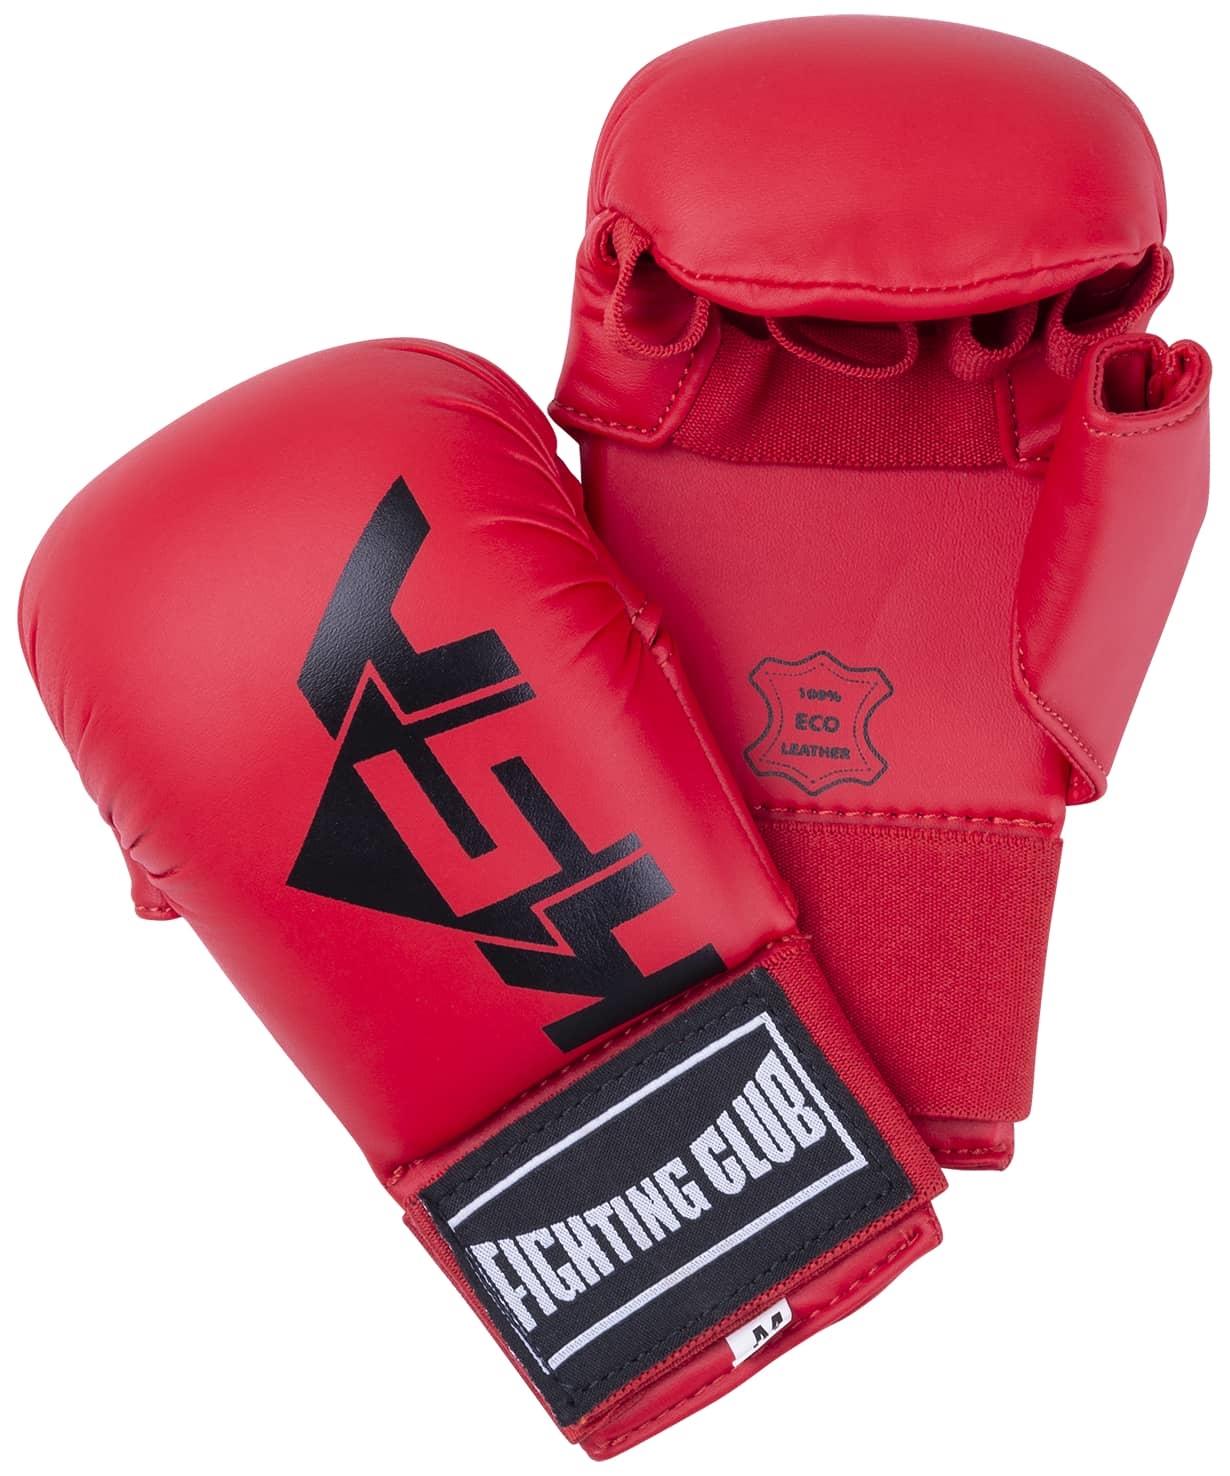 Накладки для карате Kick Red,  к/з, детский